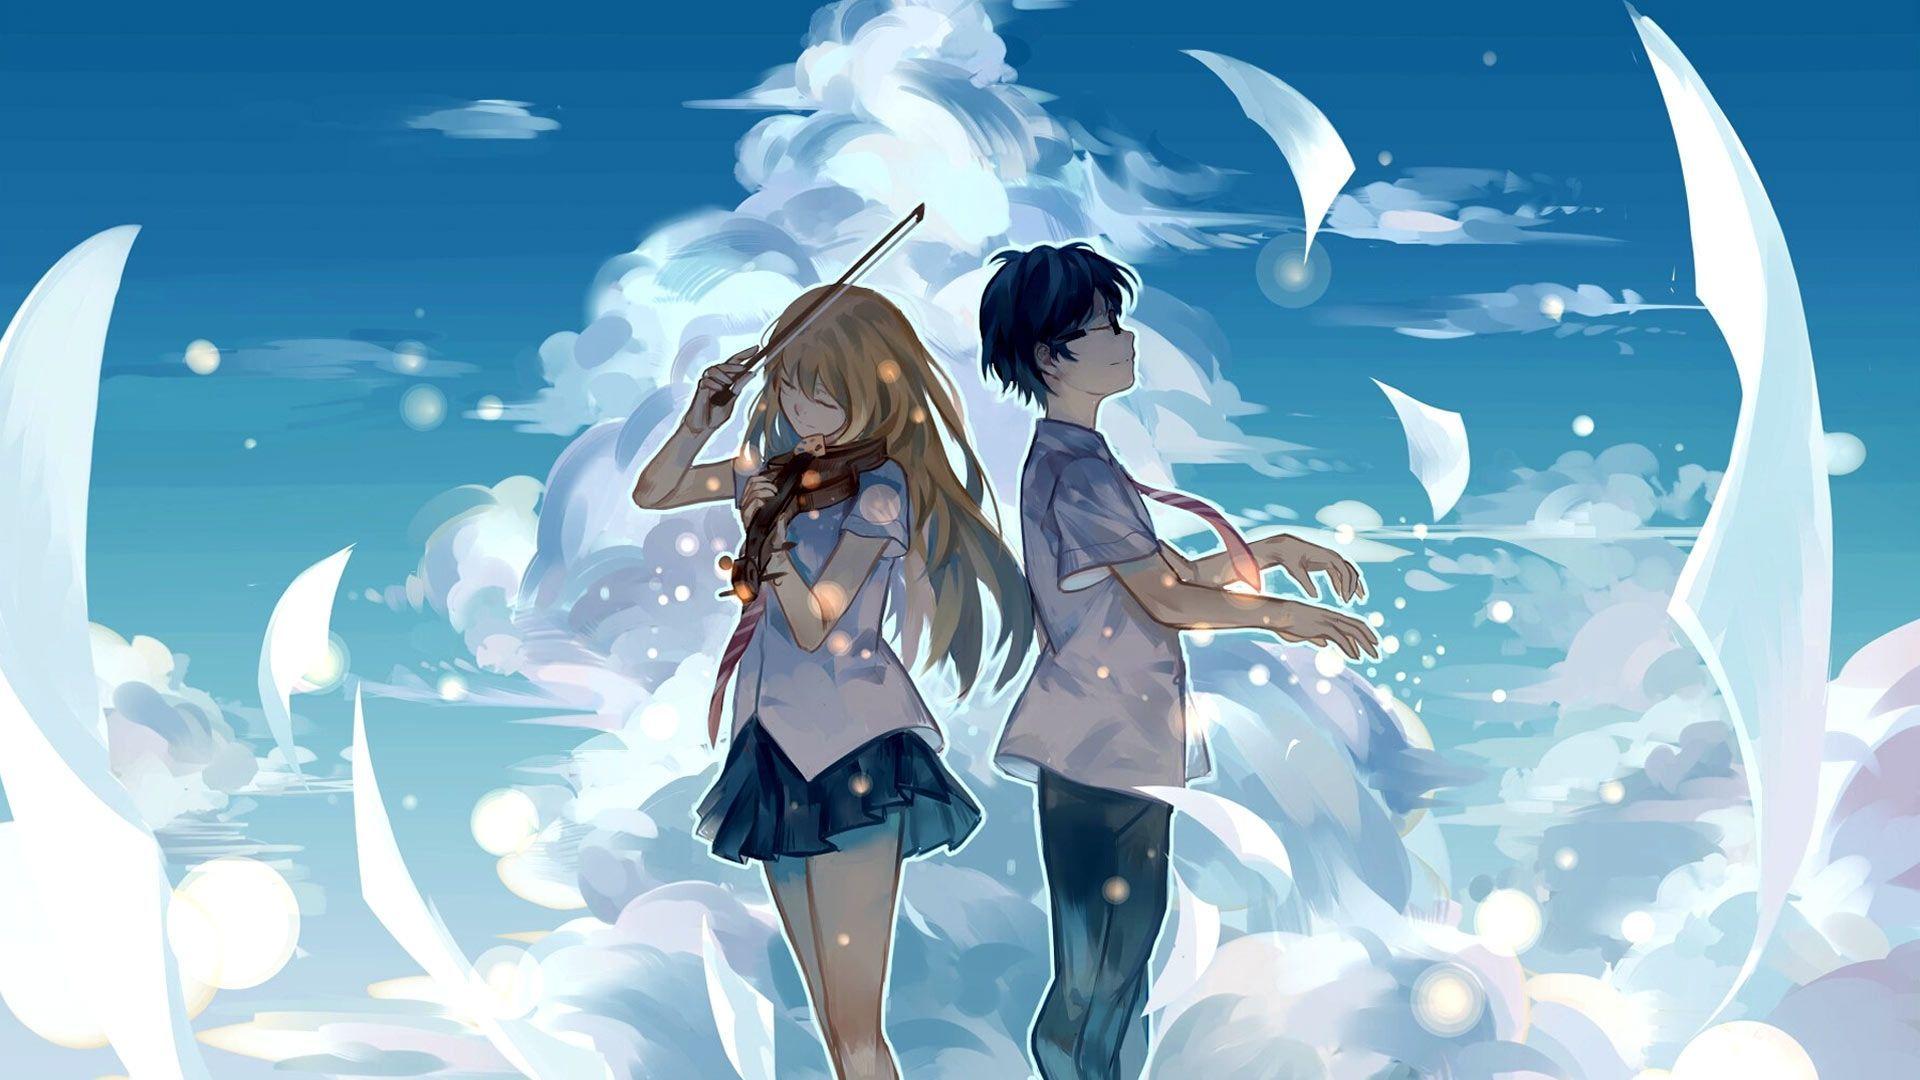 Best Desktop Background Hd Anime - Anime Couple Wallpaper Hd - HD Wallpaper